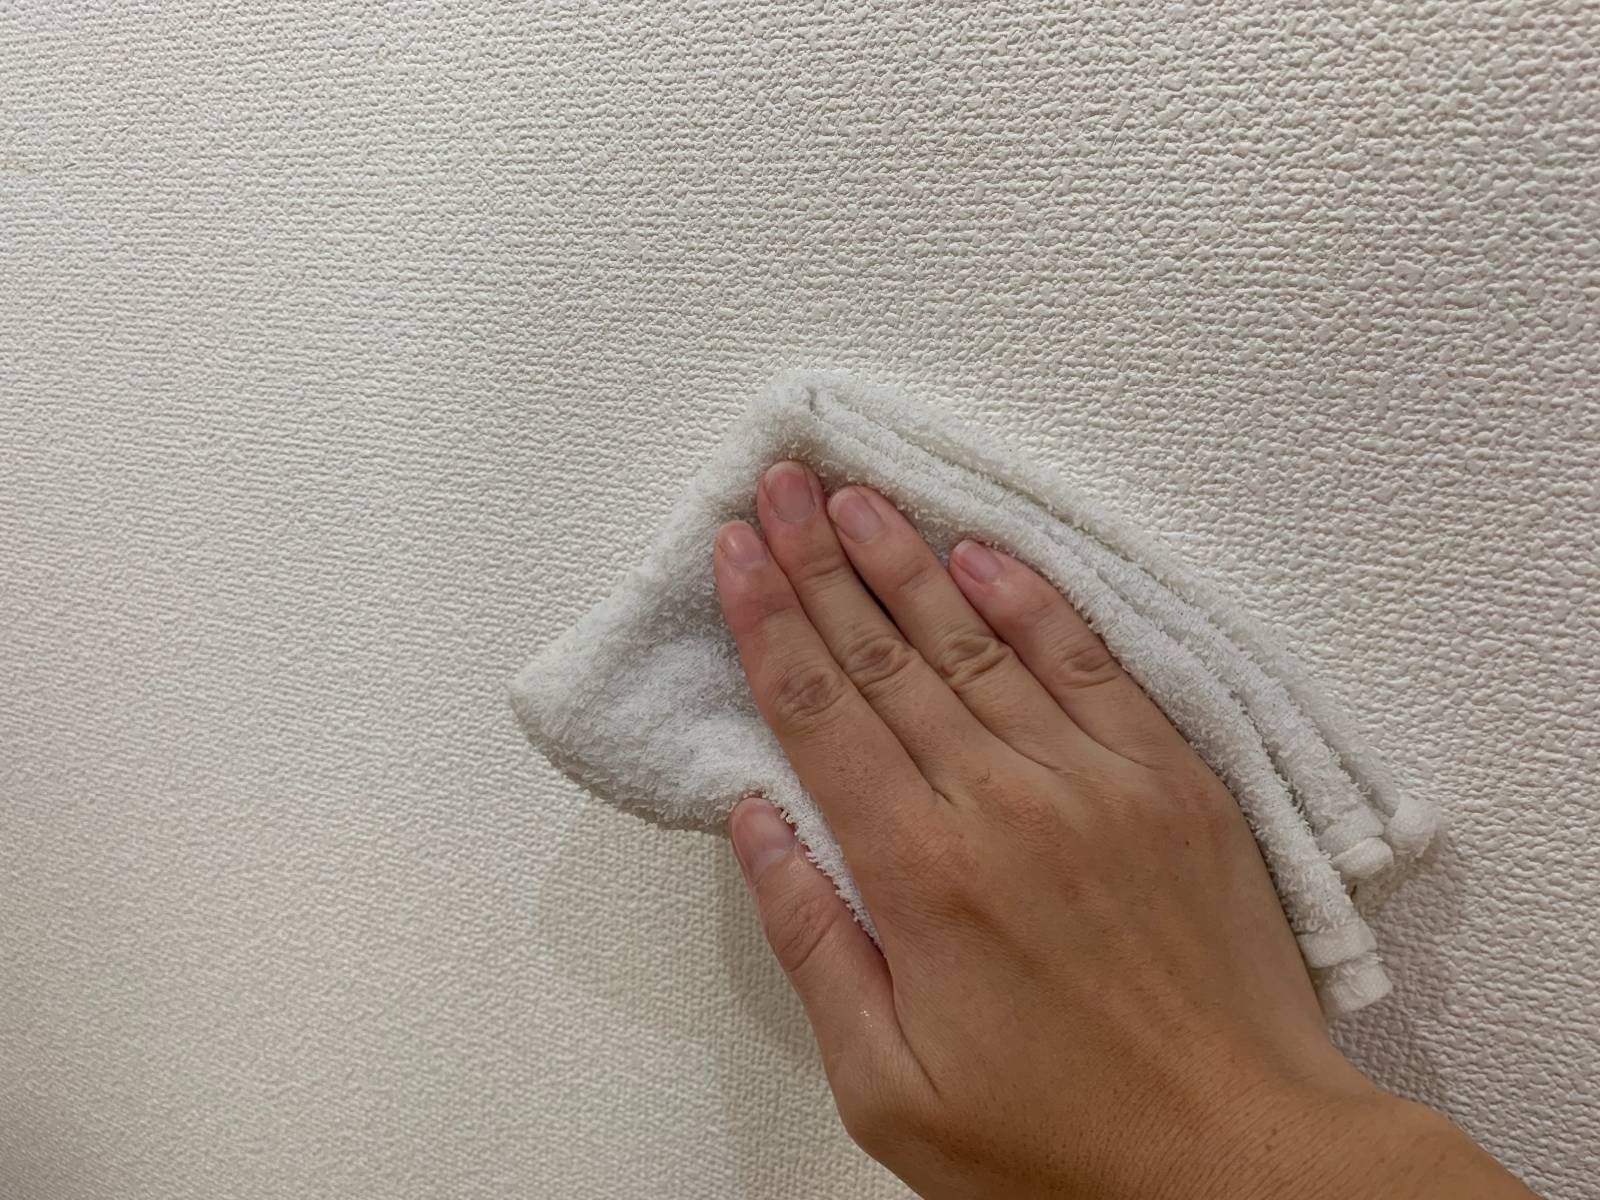 オキシクリーンで壁紙を掃除 フローリングもソファも リビングを丸ごときれいにする方法 壁紙 掃除 生活の裏技 オキシクリーン